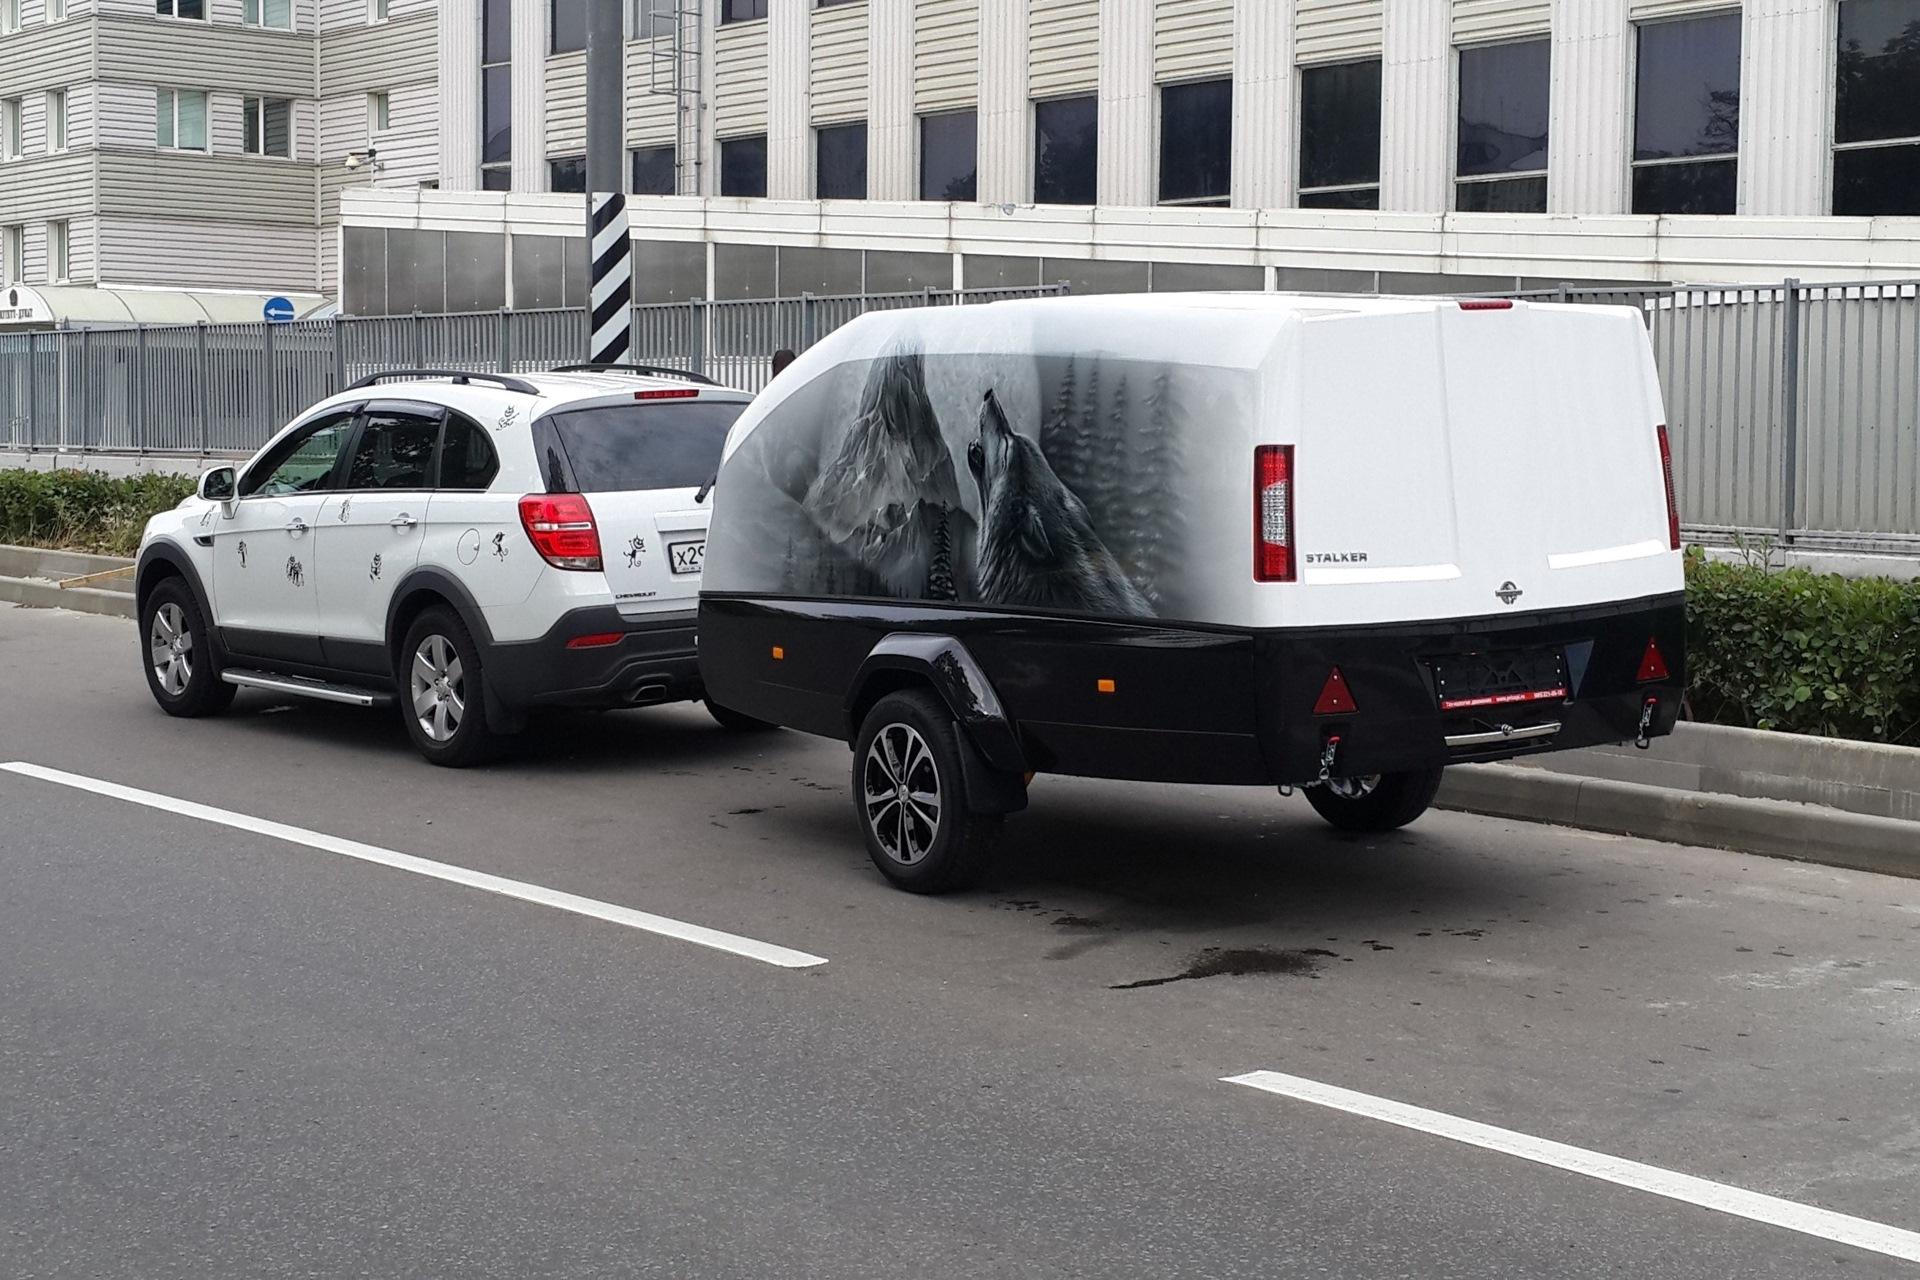 картинка легкового автомобиля с прицепом могу быть